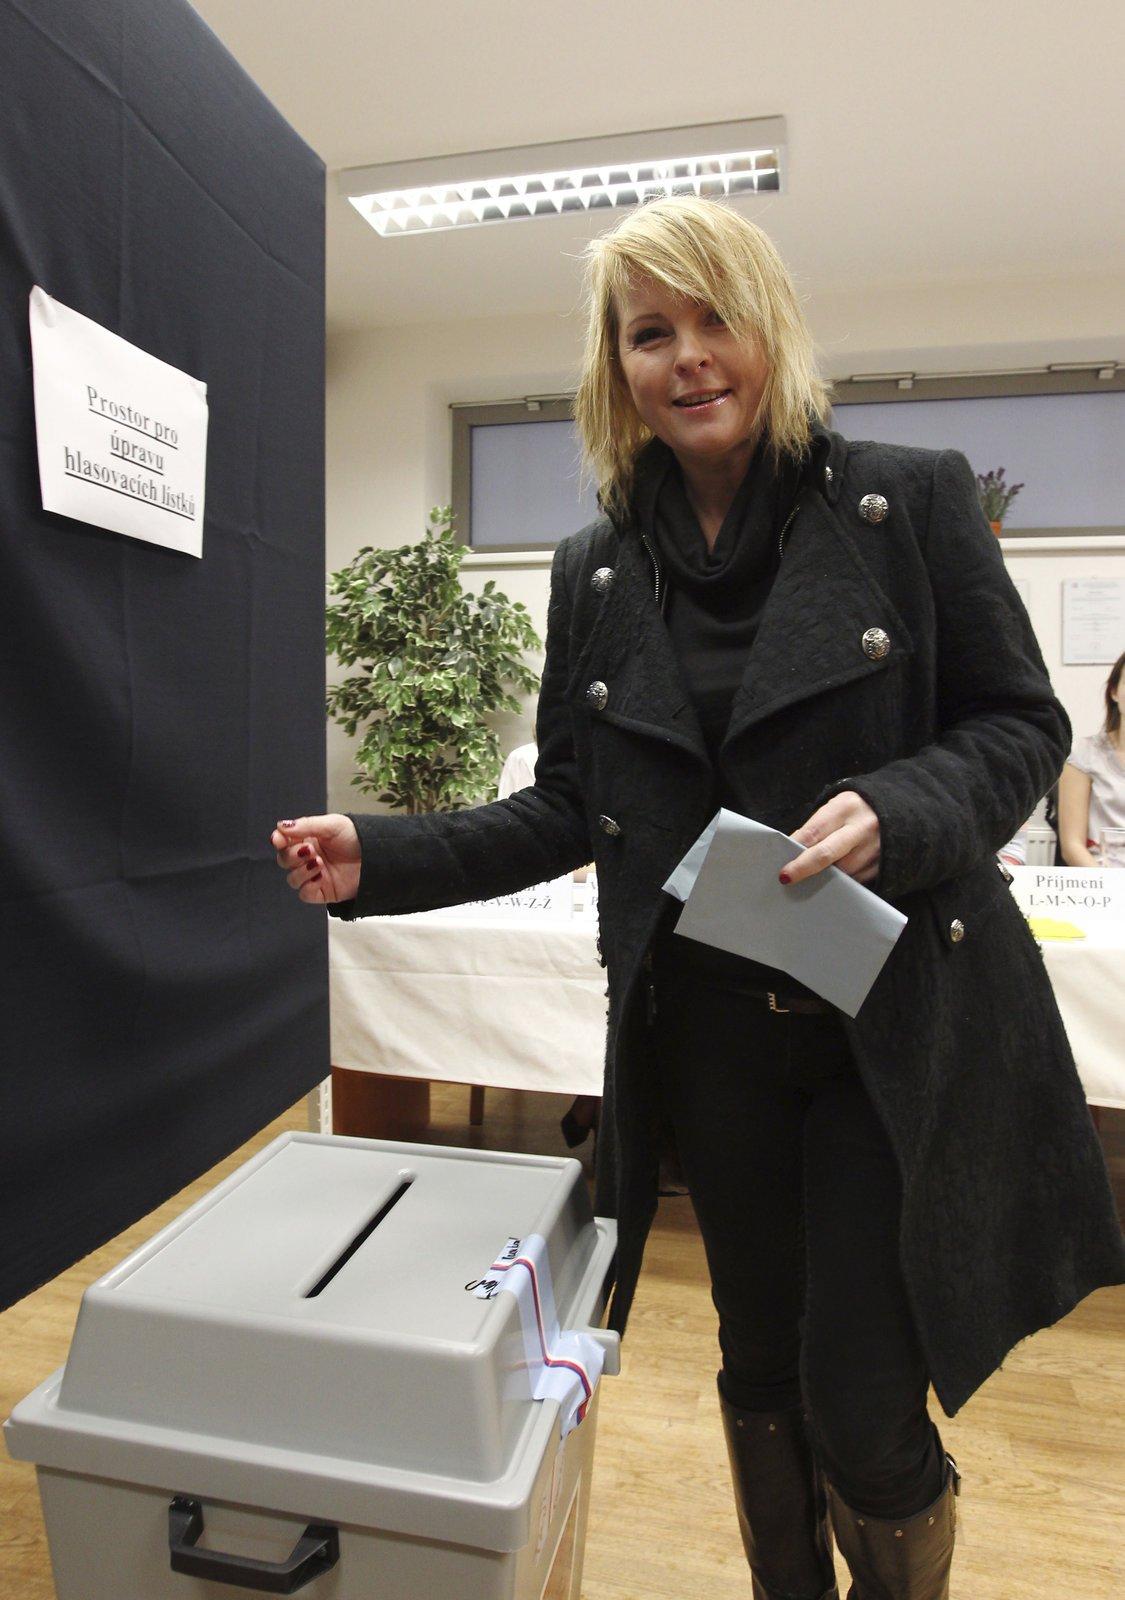 Kabát, ve kterém se vloni v lednu objevila u voleb.